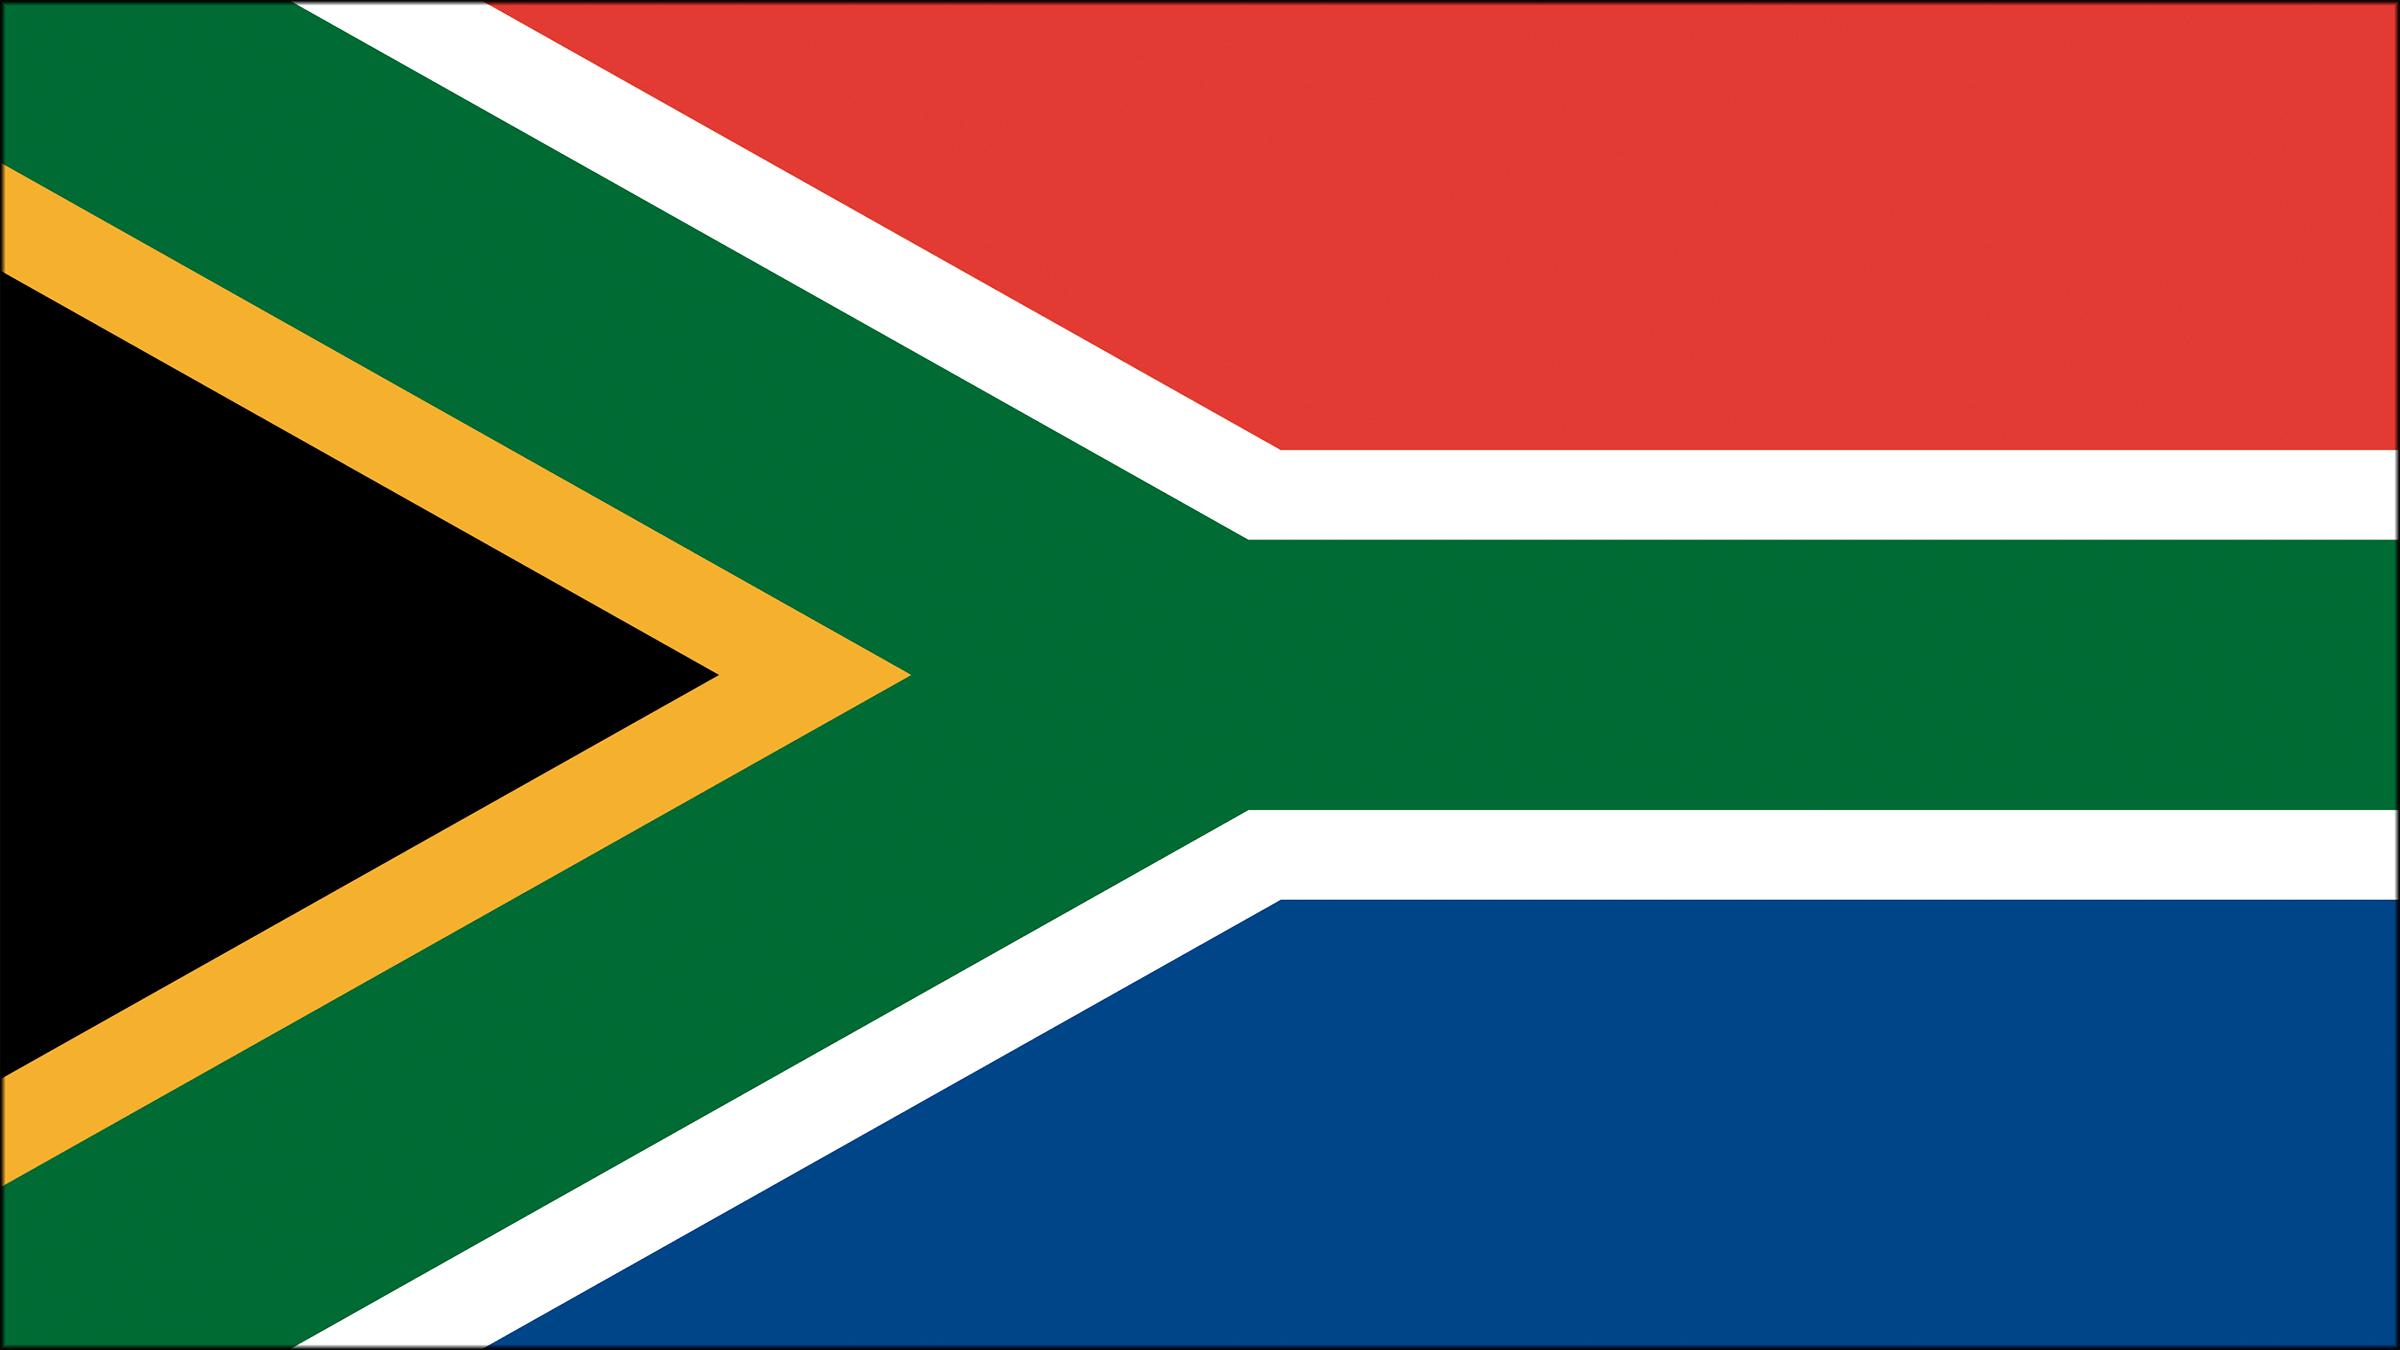 Bandera de Tanzania  Banderas y escudos  Pinterest